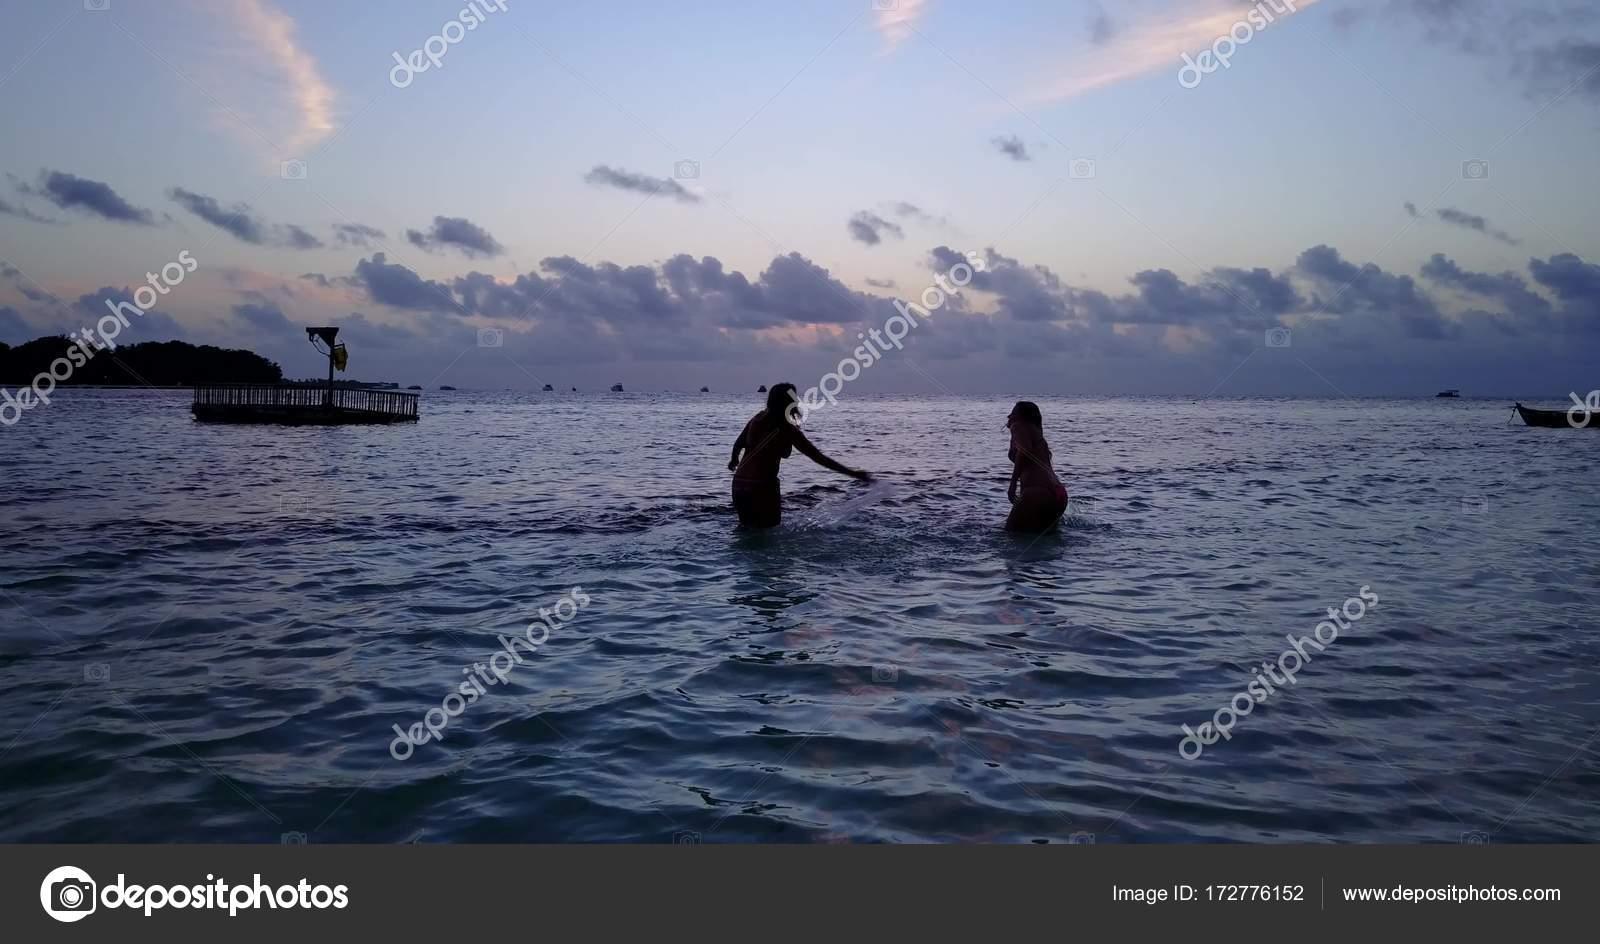 024c5507d1 V10782 zwei 2 schöne junge Mädchen bei Sonnenuntergang Sonnenaufgang  plantschen am Strand abends mit Wasser und